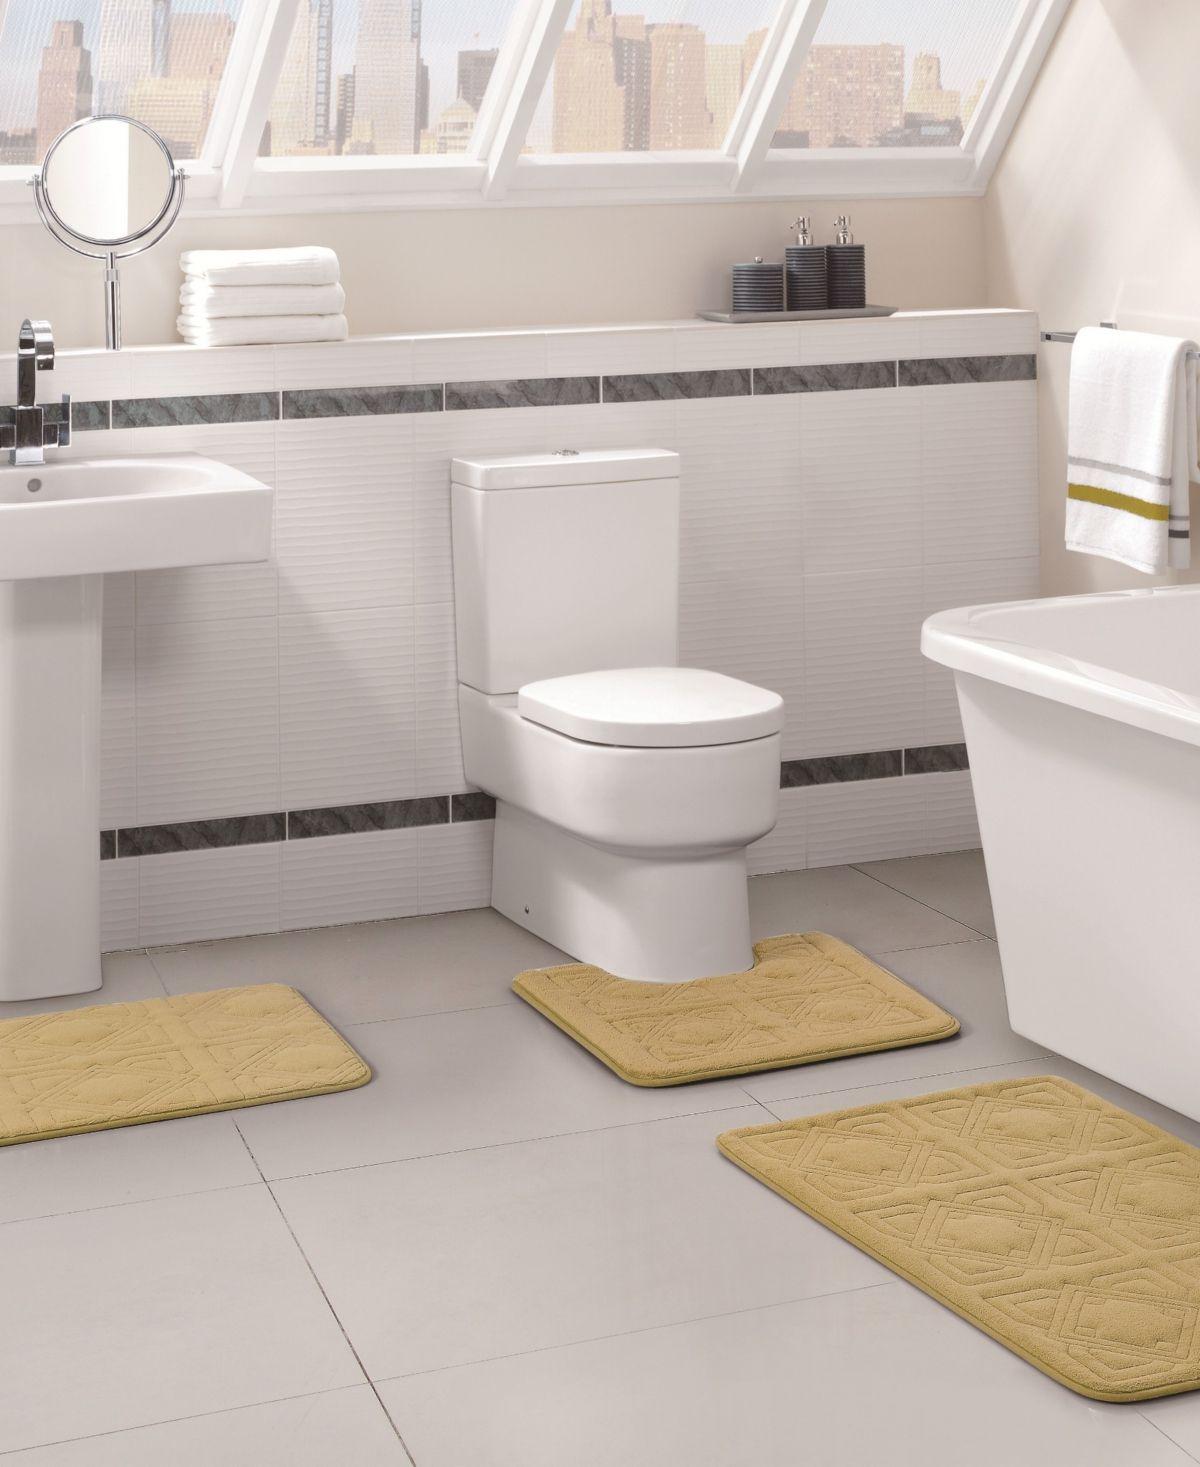 Byzantine 3 Pc Memory Foam Bath Rug Set Yellow Teal Bathroom